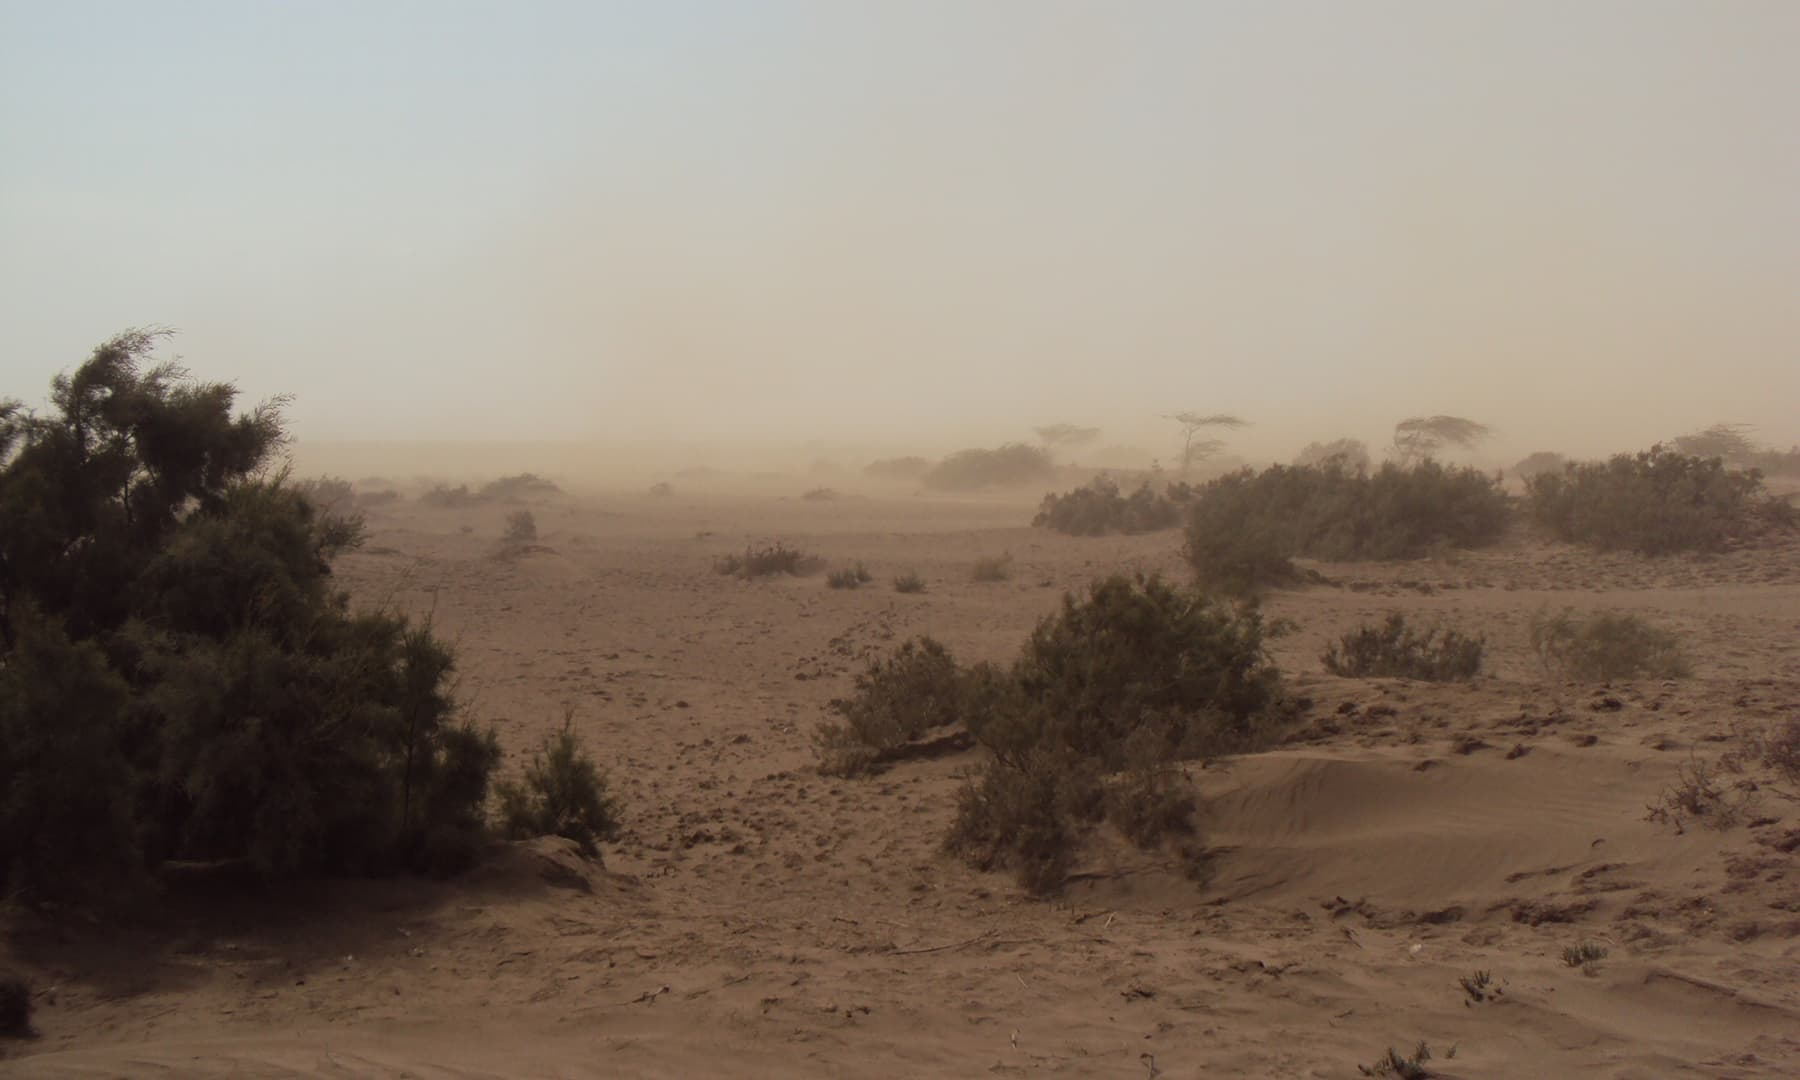 آپ اِس ساحلی پٹی میں دن کے 11 بجے کے بعد سفر نہیں کرسکتے کیونکہ 11 کے بعد یہاں مٹی کے طوفان اُٹھتے ہیں—تصویر ابوبکر شیخ